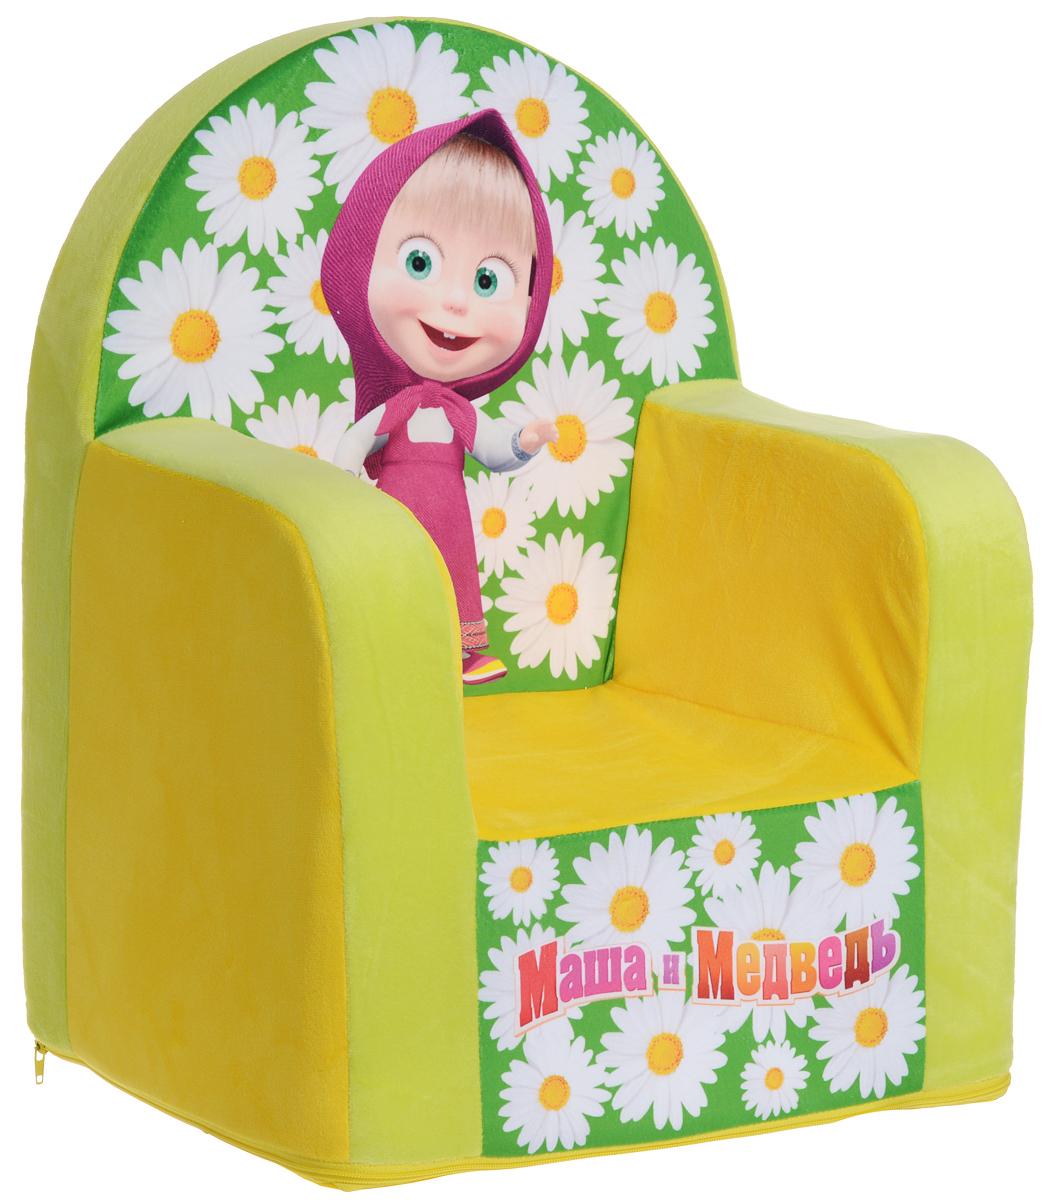 СмолТойс Мягкая игрушка Кресло Маша и Медведь цвет желтый 54 см2021/ЖЛ-2/53Мягкая игрушка СмолТойс Кресло Маша и Медведь отлично украсит любую детскую комнату!Мягкая игрушка выполнена в виде кресла и изготовлена с учетом размеров тела ребенка без применения деревянных конструкций. Такая игрушка полностью мягкая, удобная для малыша, выполнена из экологичных и качественных материалов. Особенно кресло понравится тем малышам, которые обожают мультфильмы про Машу и Медведя. Кресло имеет яркую окраску и практичный съемный чехол на застежке-молнии, который при необходимости вы сможете постирать.Ваш ребенок будет в восторге от такого подарка!